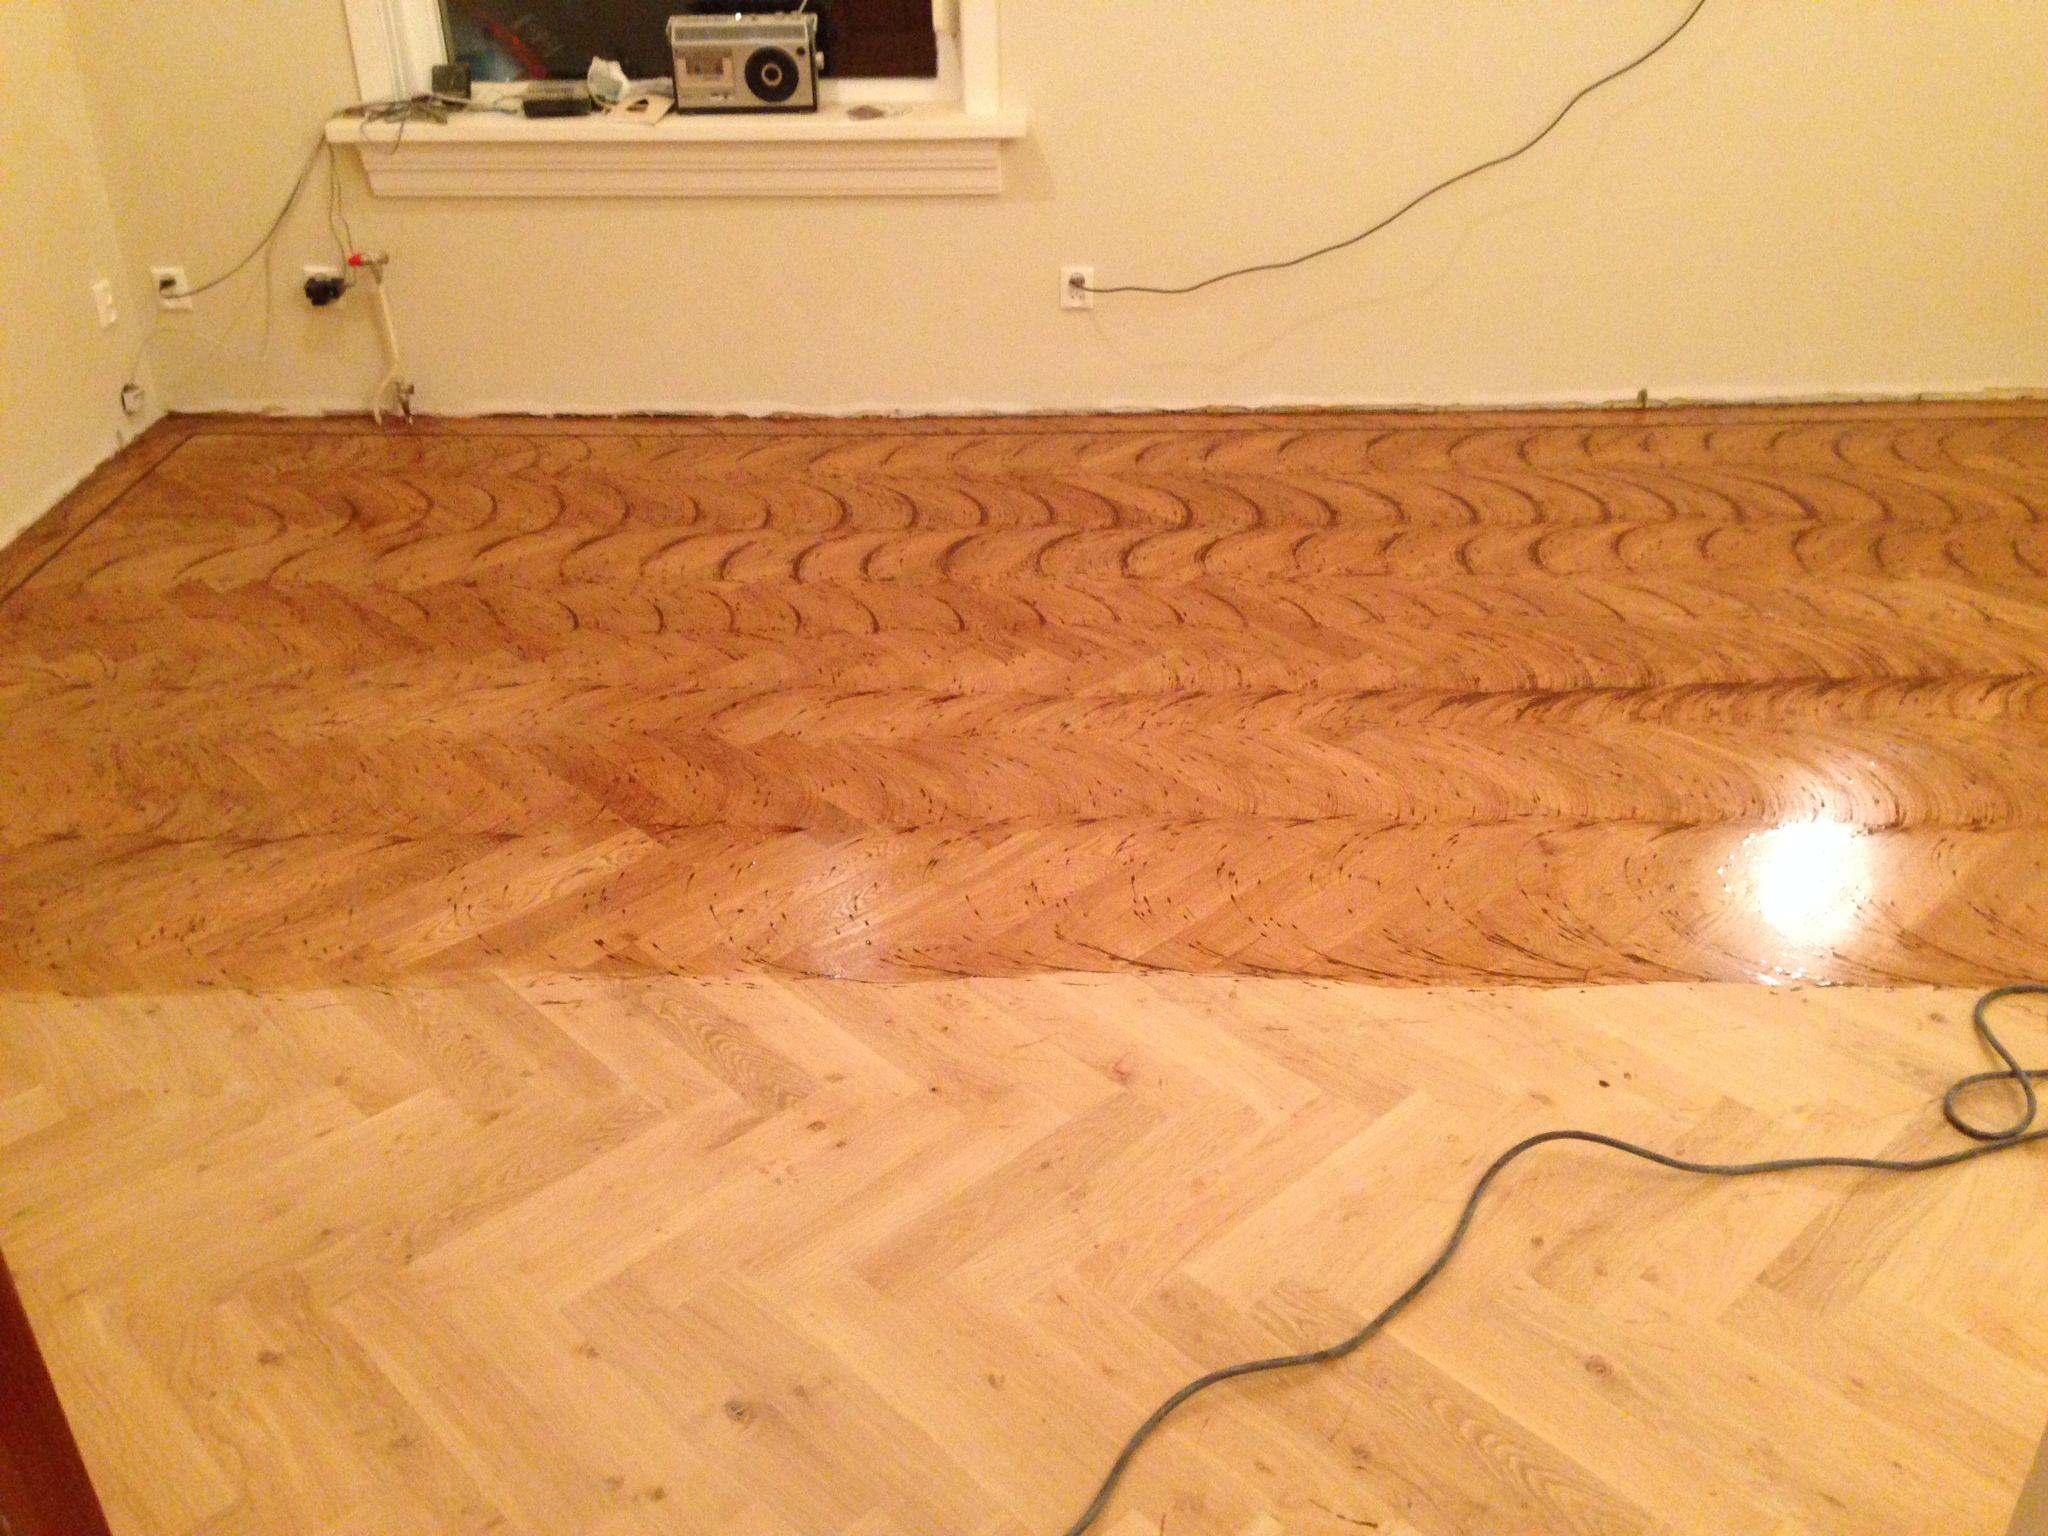 na het leggen van de parket visgraat vloer wordt de vloer geolied